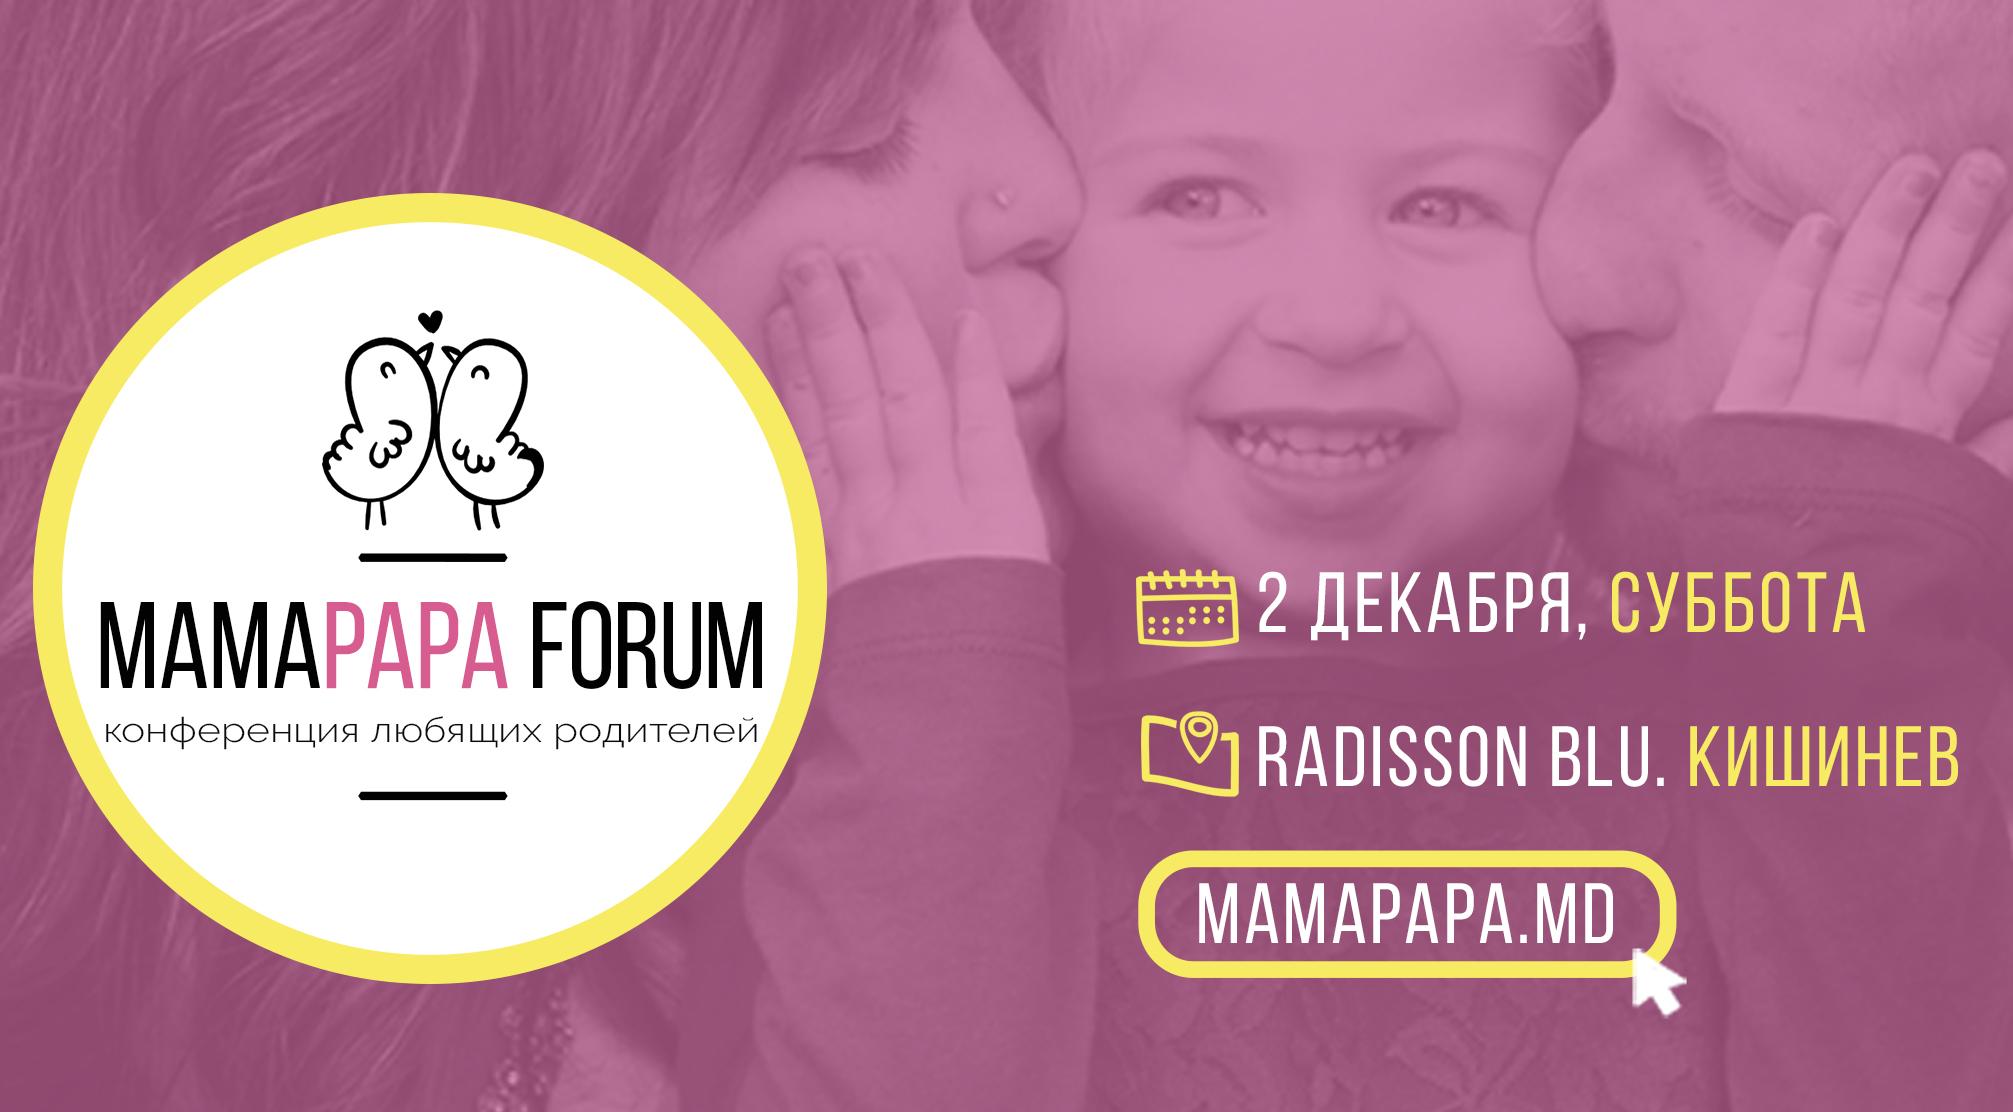 MamaPapa Forum